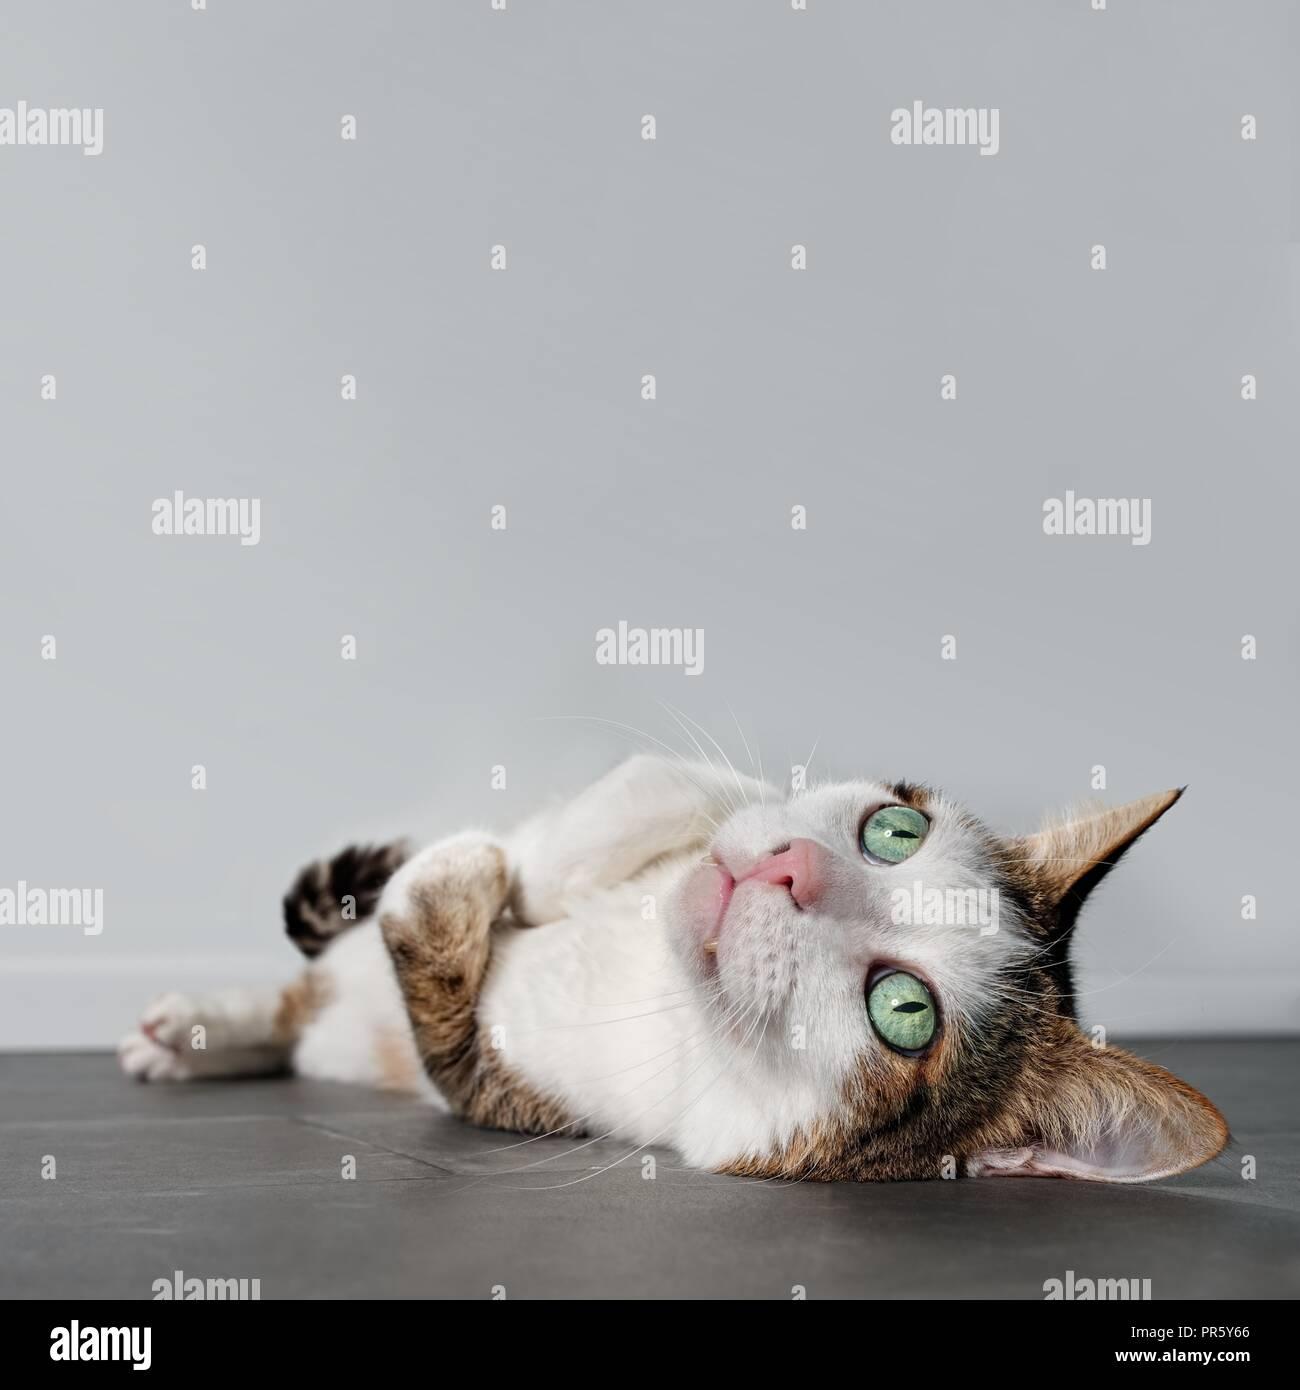 Soddisfatto tabby cat posa rilassata giù sulla terra e guardando verso l'alto. Immagini Stock